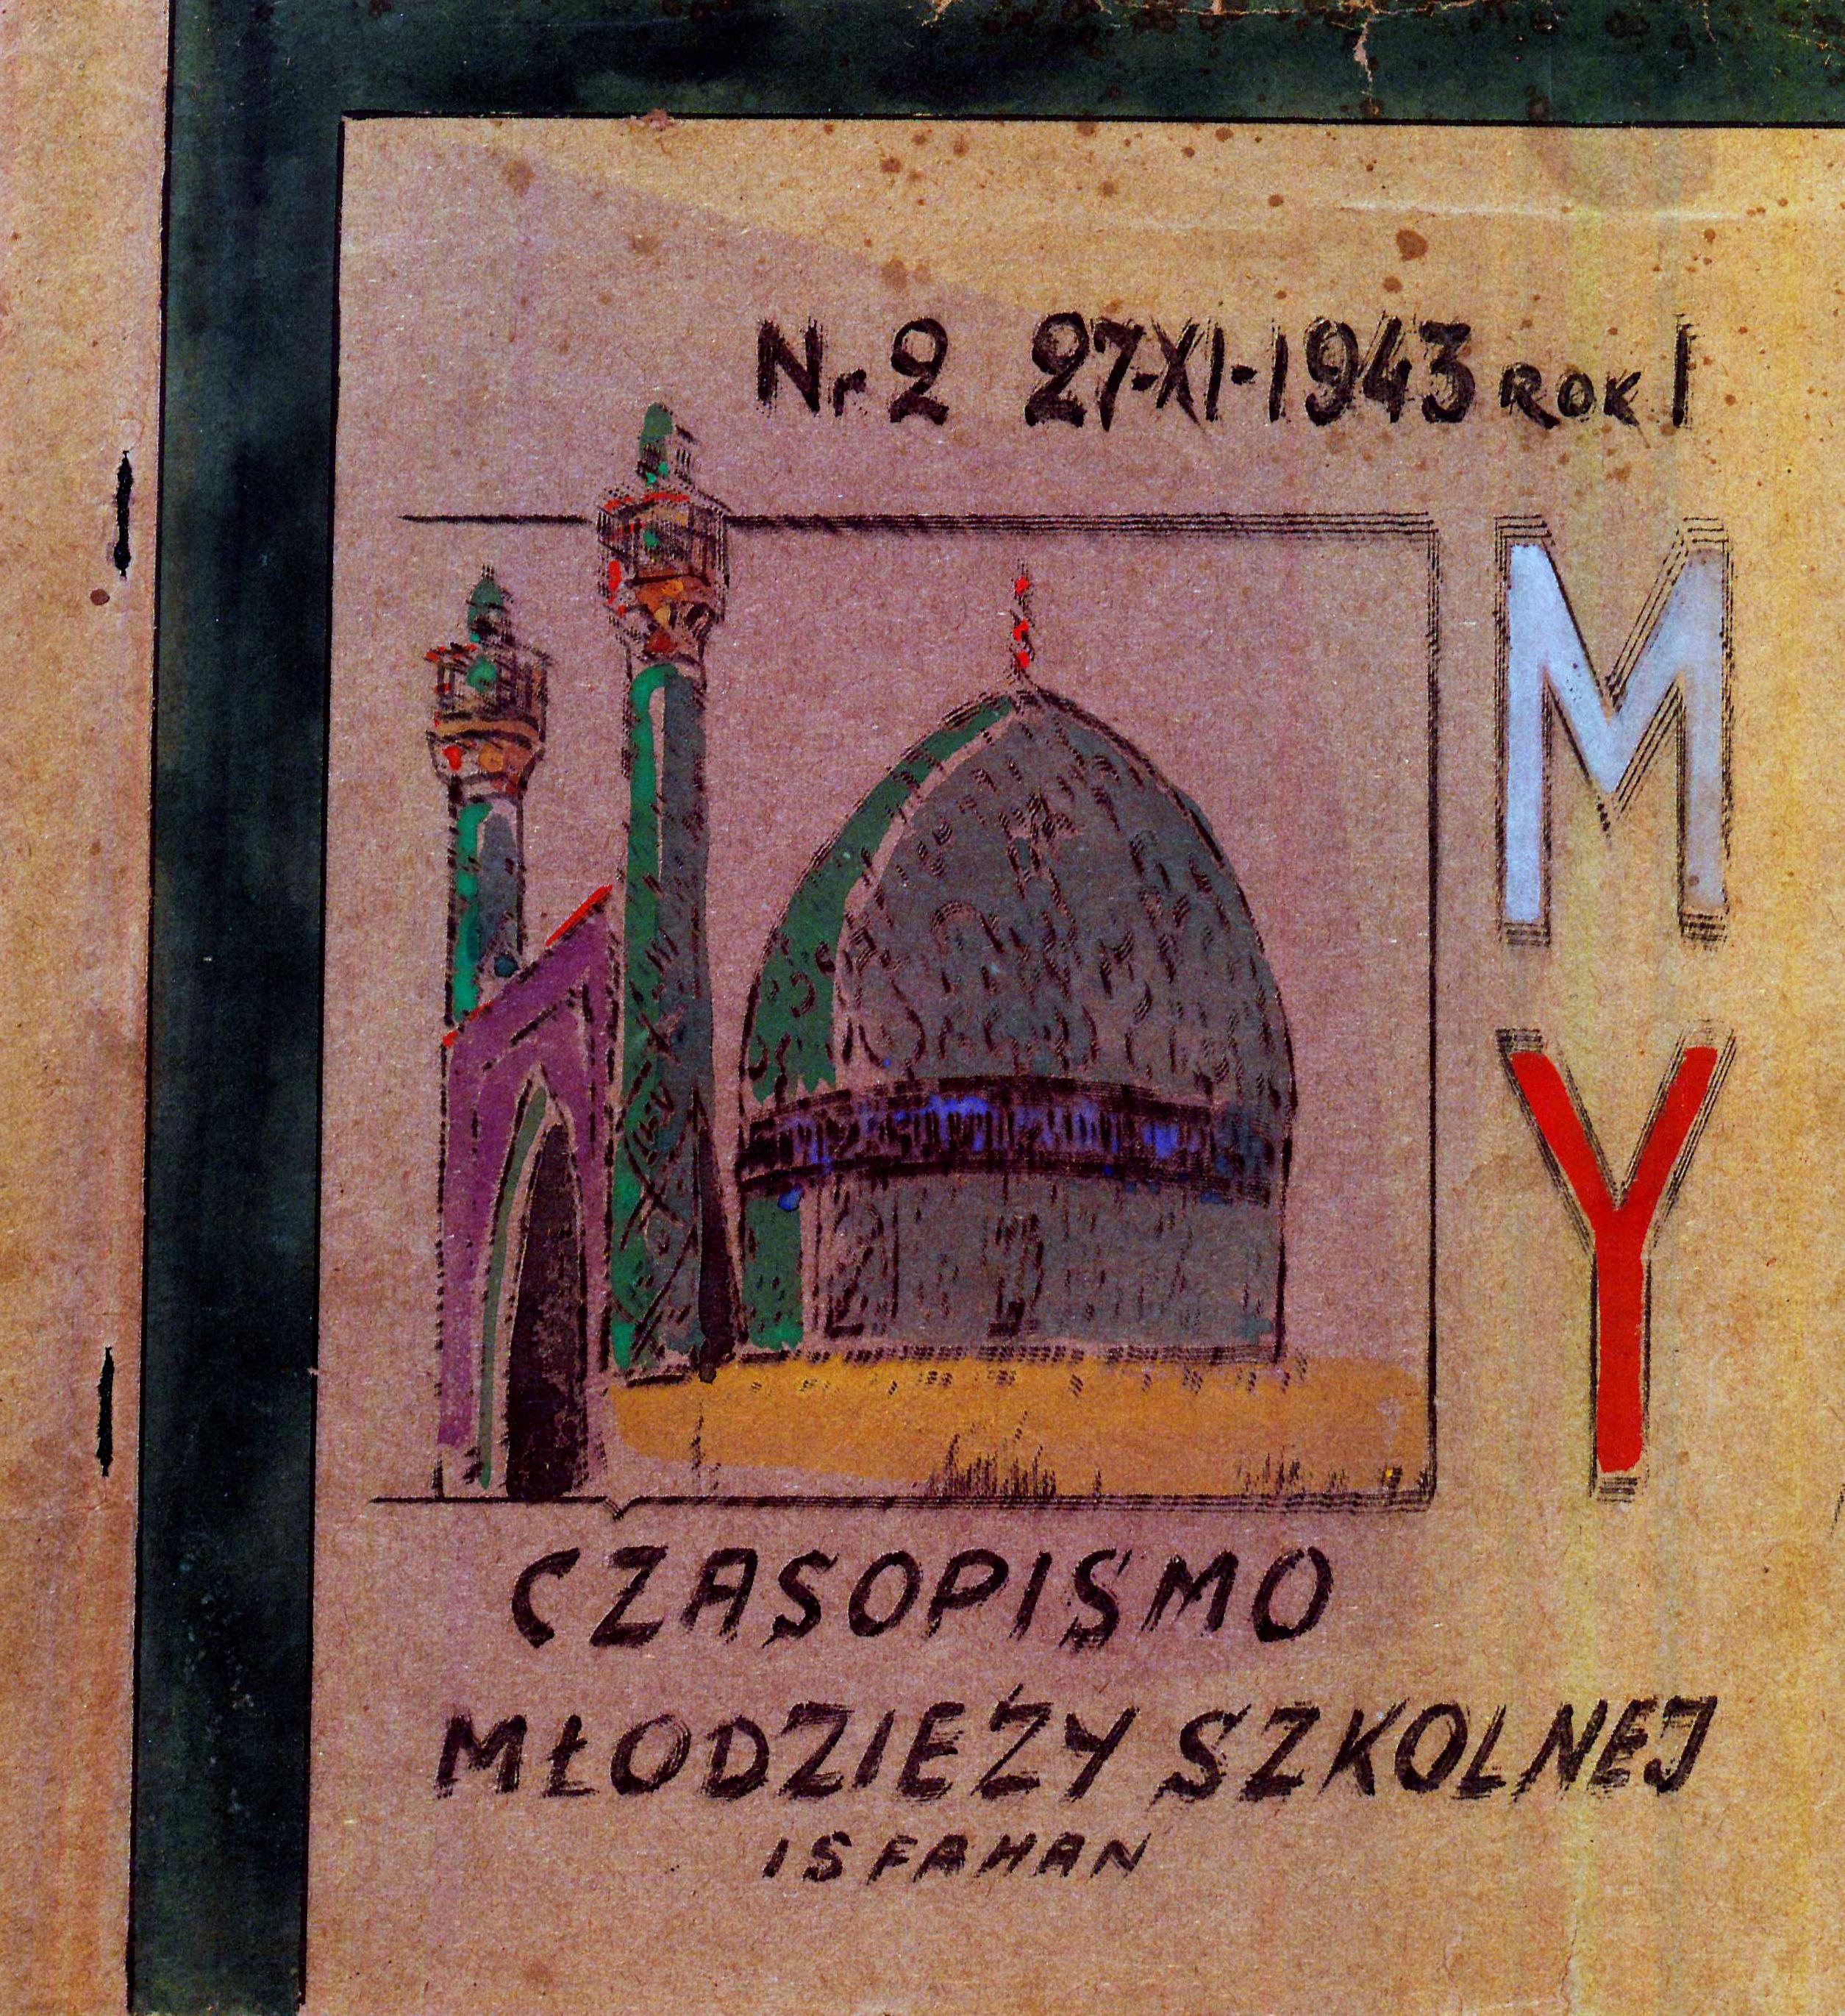 """<div class='inner-box'><div class='close-desc'></div><span class='opis'>""""My"""" - Czasopismo młodzieży szkolnej. Wydawane przez Delegaturę Urzędu Oświaty i Spraw Szkolnych - Inspektorat Szkolny w Isfahanie. Ukazywało się w latach 1943 -1946, najpierw w Isfahanie w Iraku, potem w Zuk Mikajil w Libanie. Zbiory czasopism AIL.</span><div class='clearfix'></div><span>Cote du document sm00443</span><div class='clearfix'></div><span>© Instytut Literacki</span></div>"""